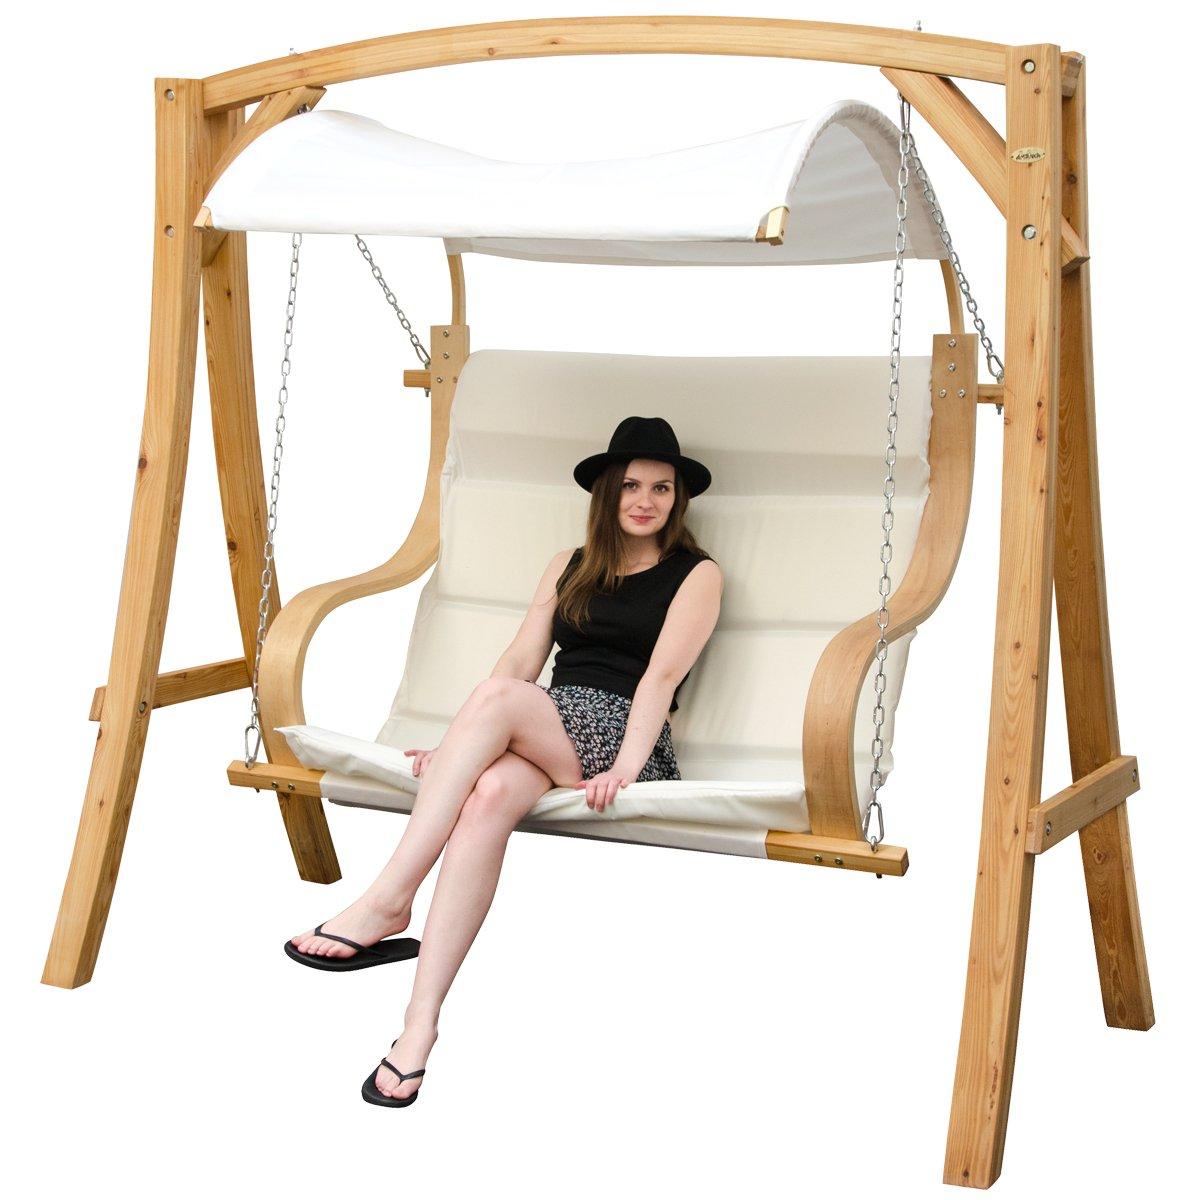 Hollywoodschaukel aus Holz Lärche | Gartenschaukel Set | Holzgestell mit 2-sitzer Bank aus Stoff inkl. Sonnendach in Beige | Für Innen und Außen günstig bestellen